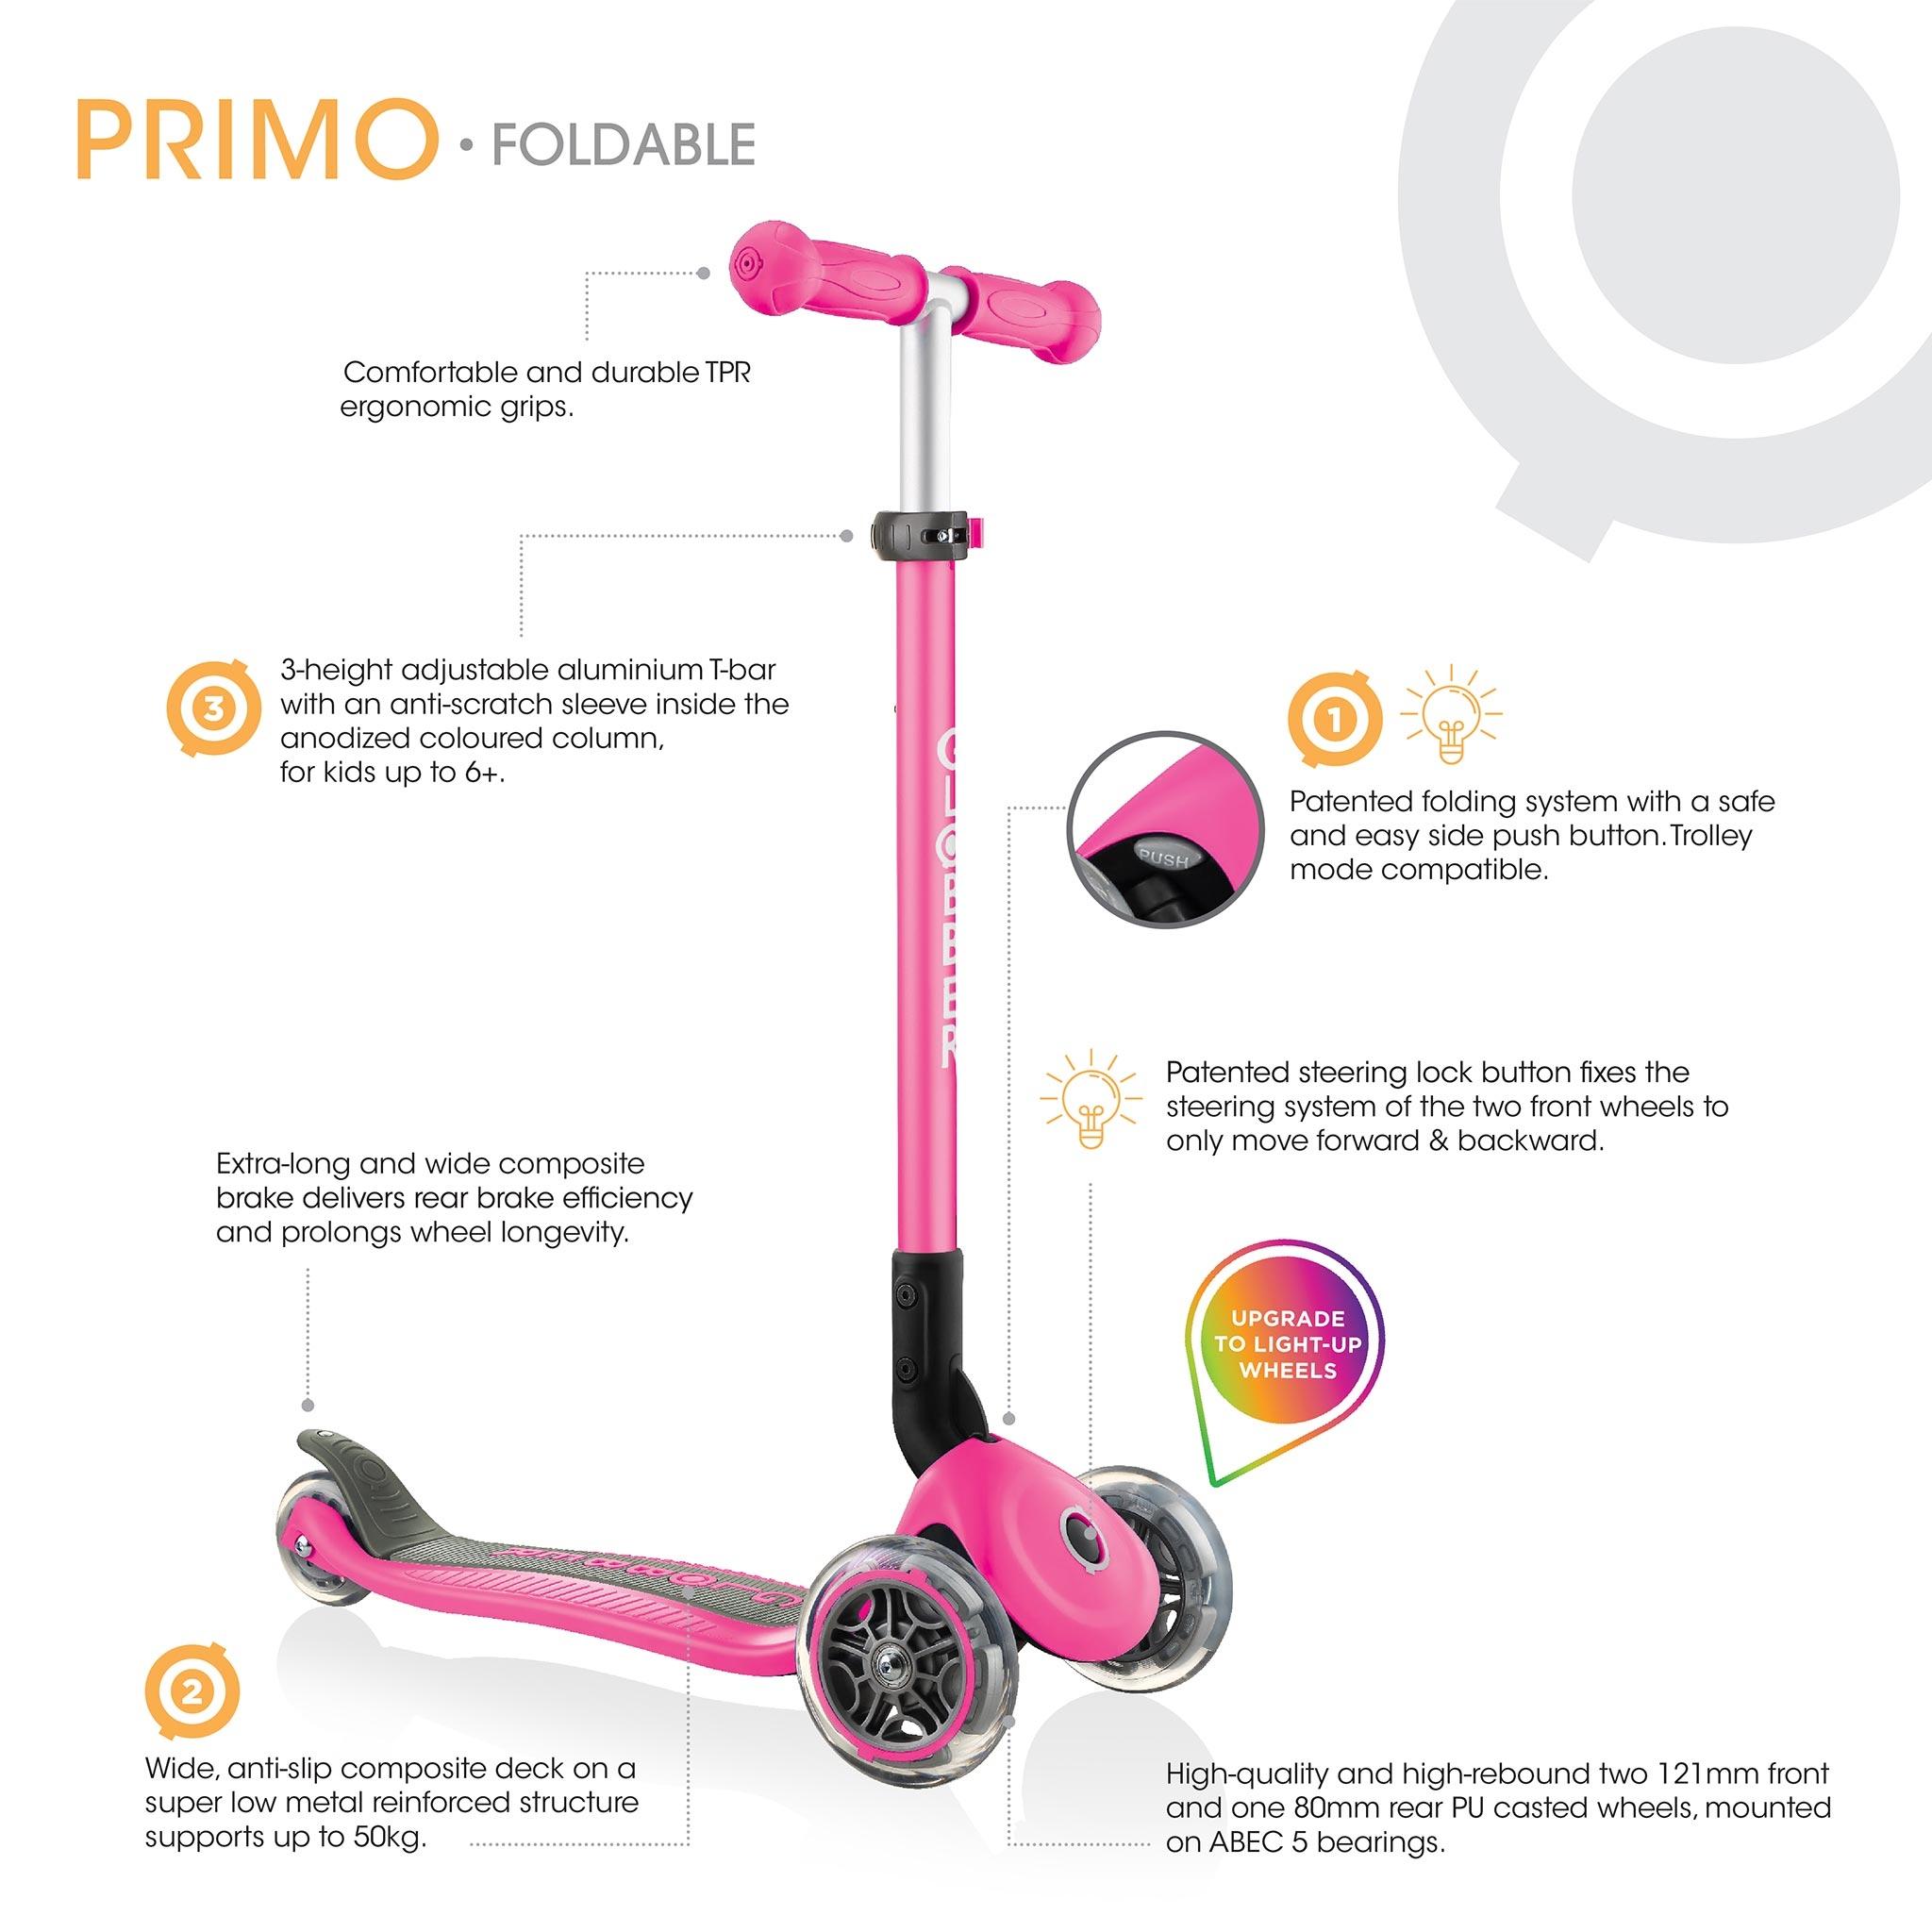 PRIMO_FOLDABLE 1